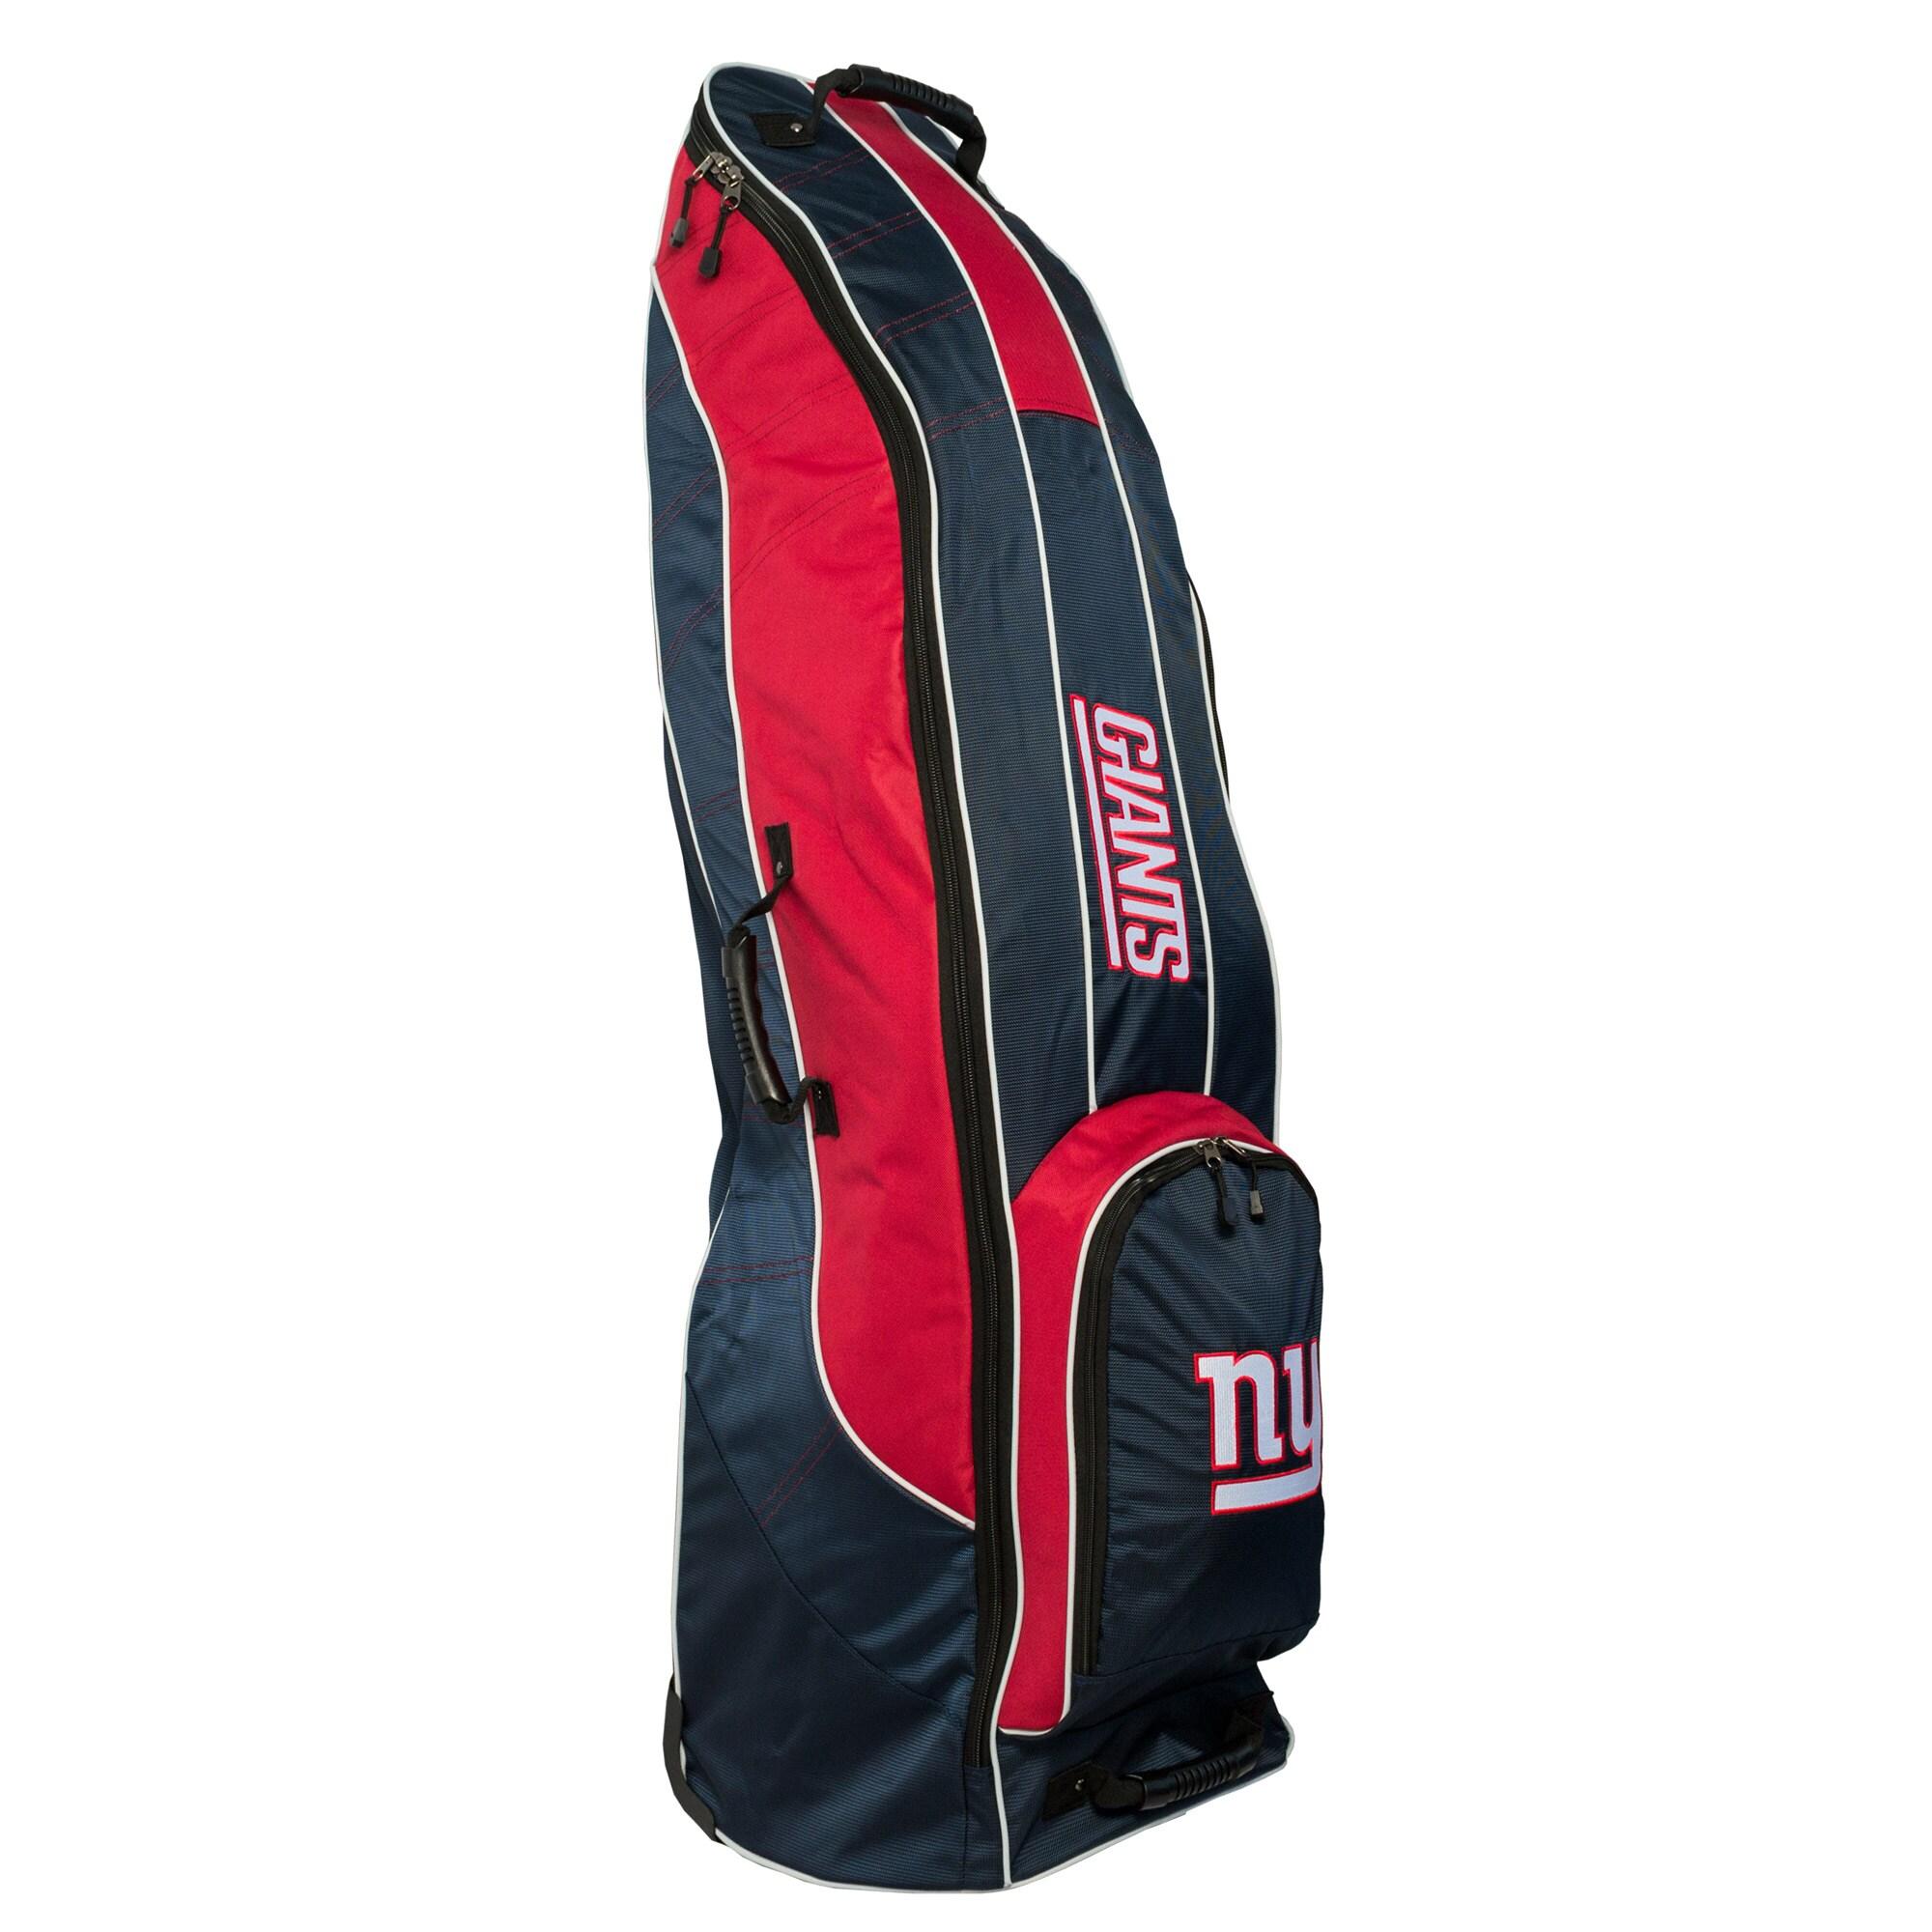 New York Giants Team Golf Travel Bag